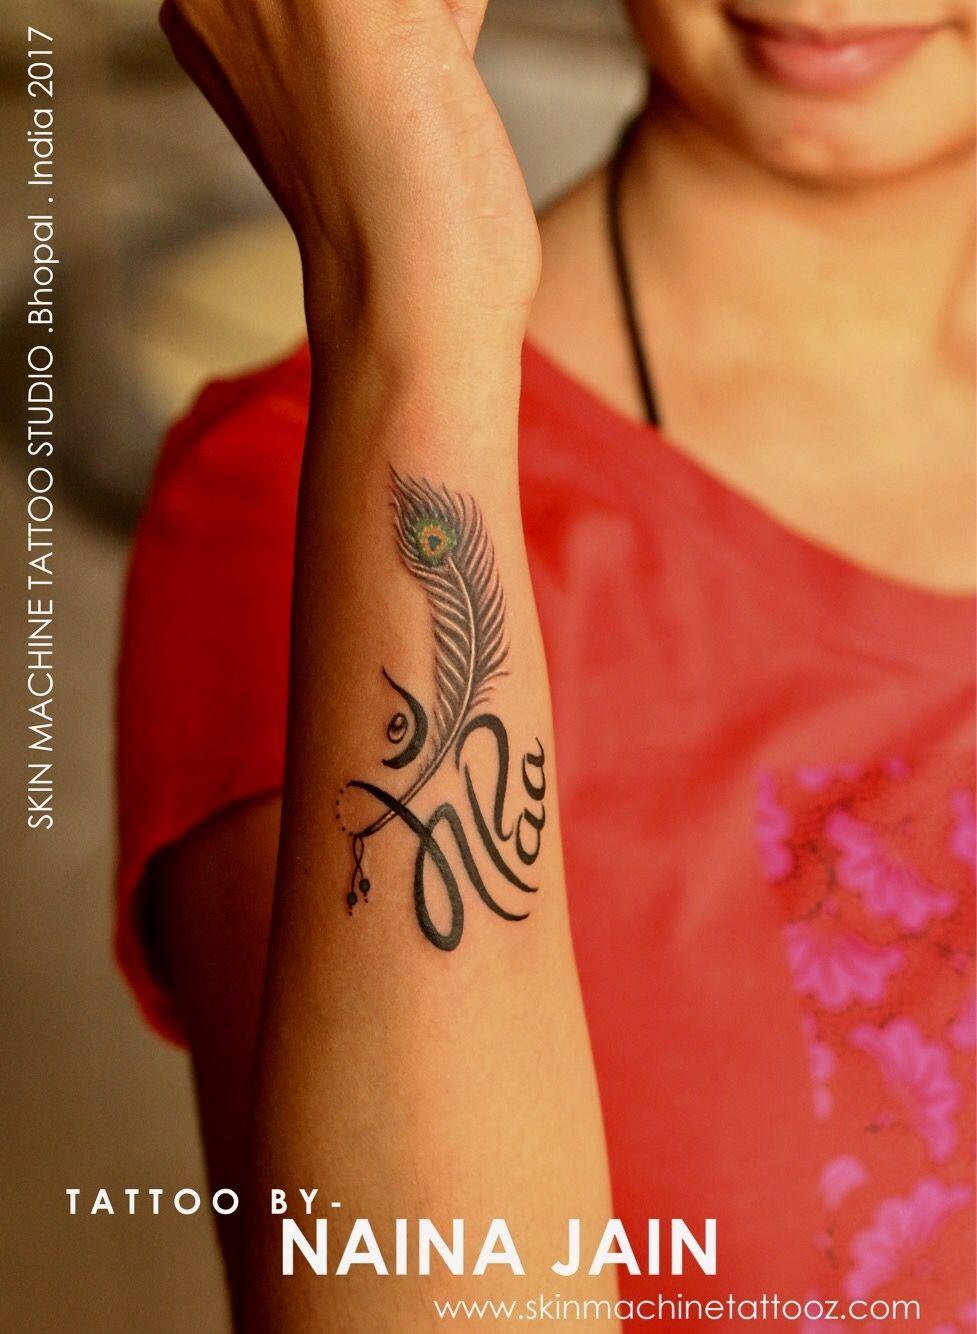 ca808dc2a Mom Maa Paa Tattoo, Kali Tattoo, Ganesha Tattoo, Maa Tattoo Designs, Music